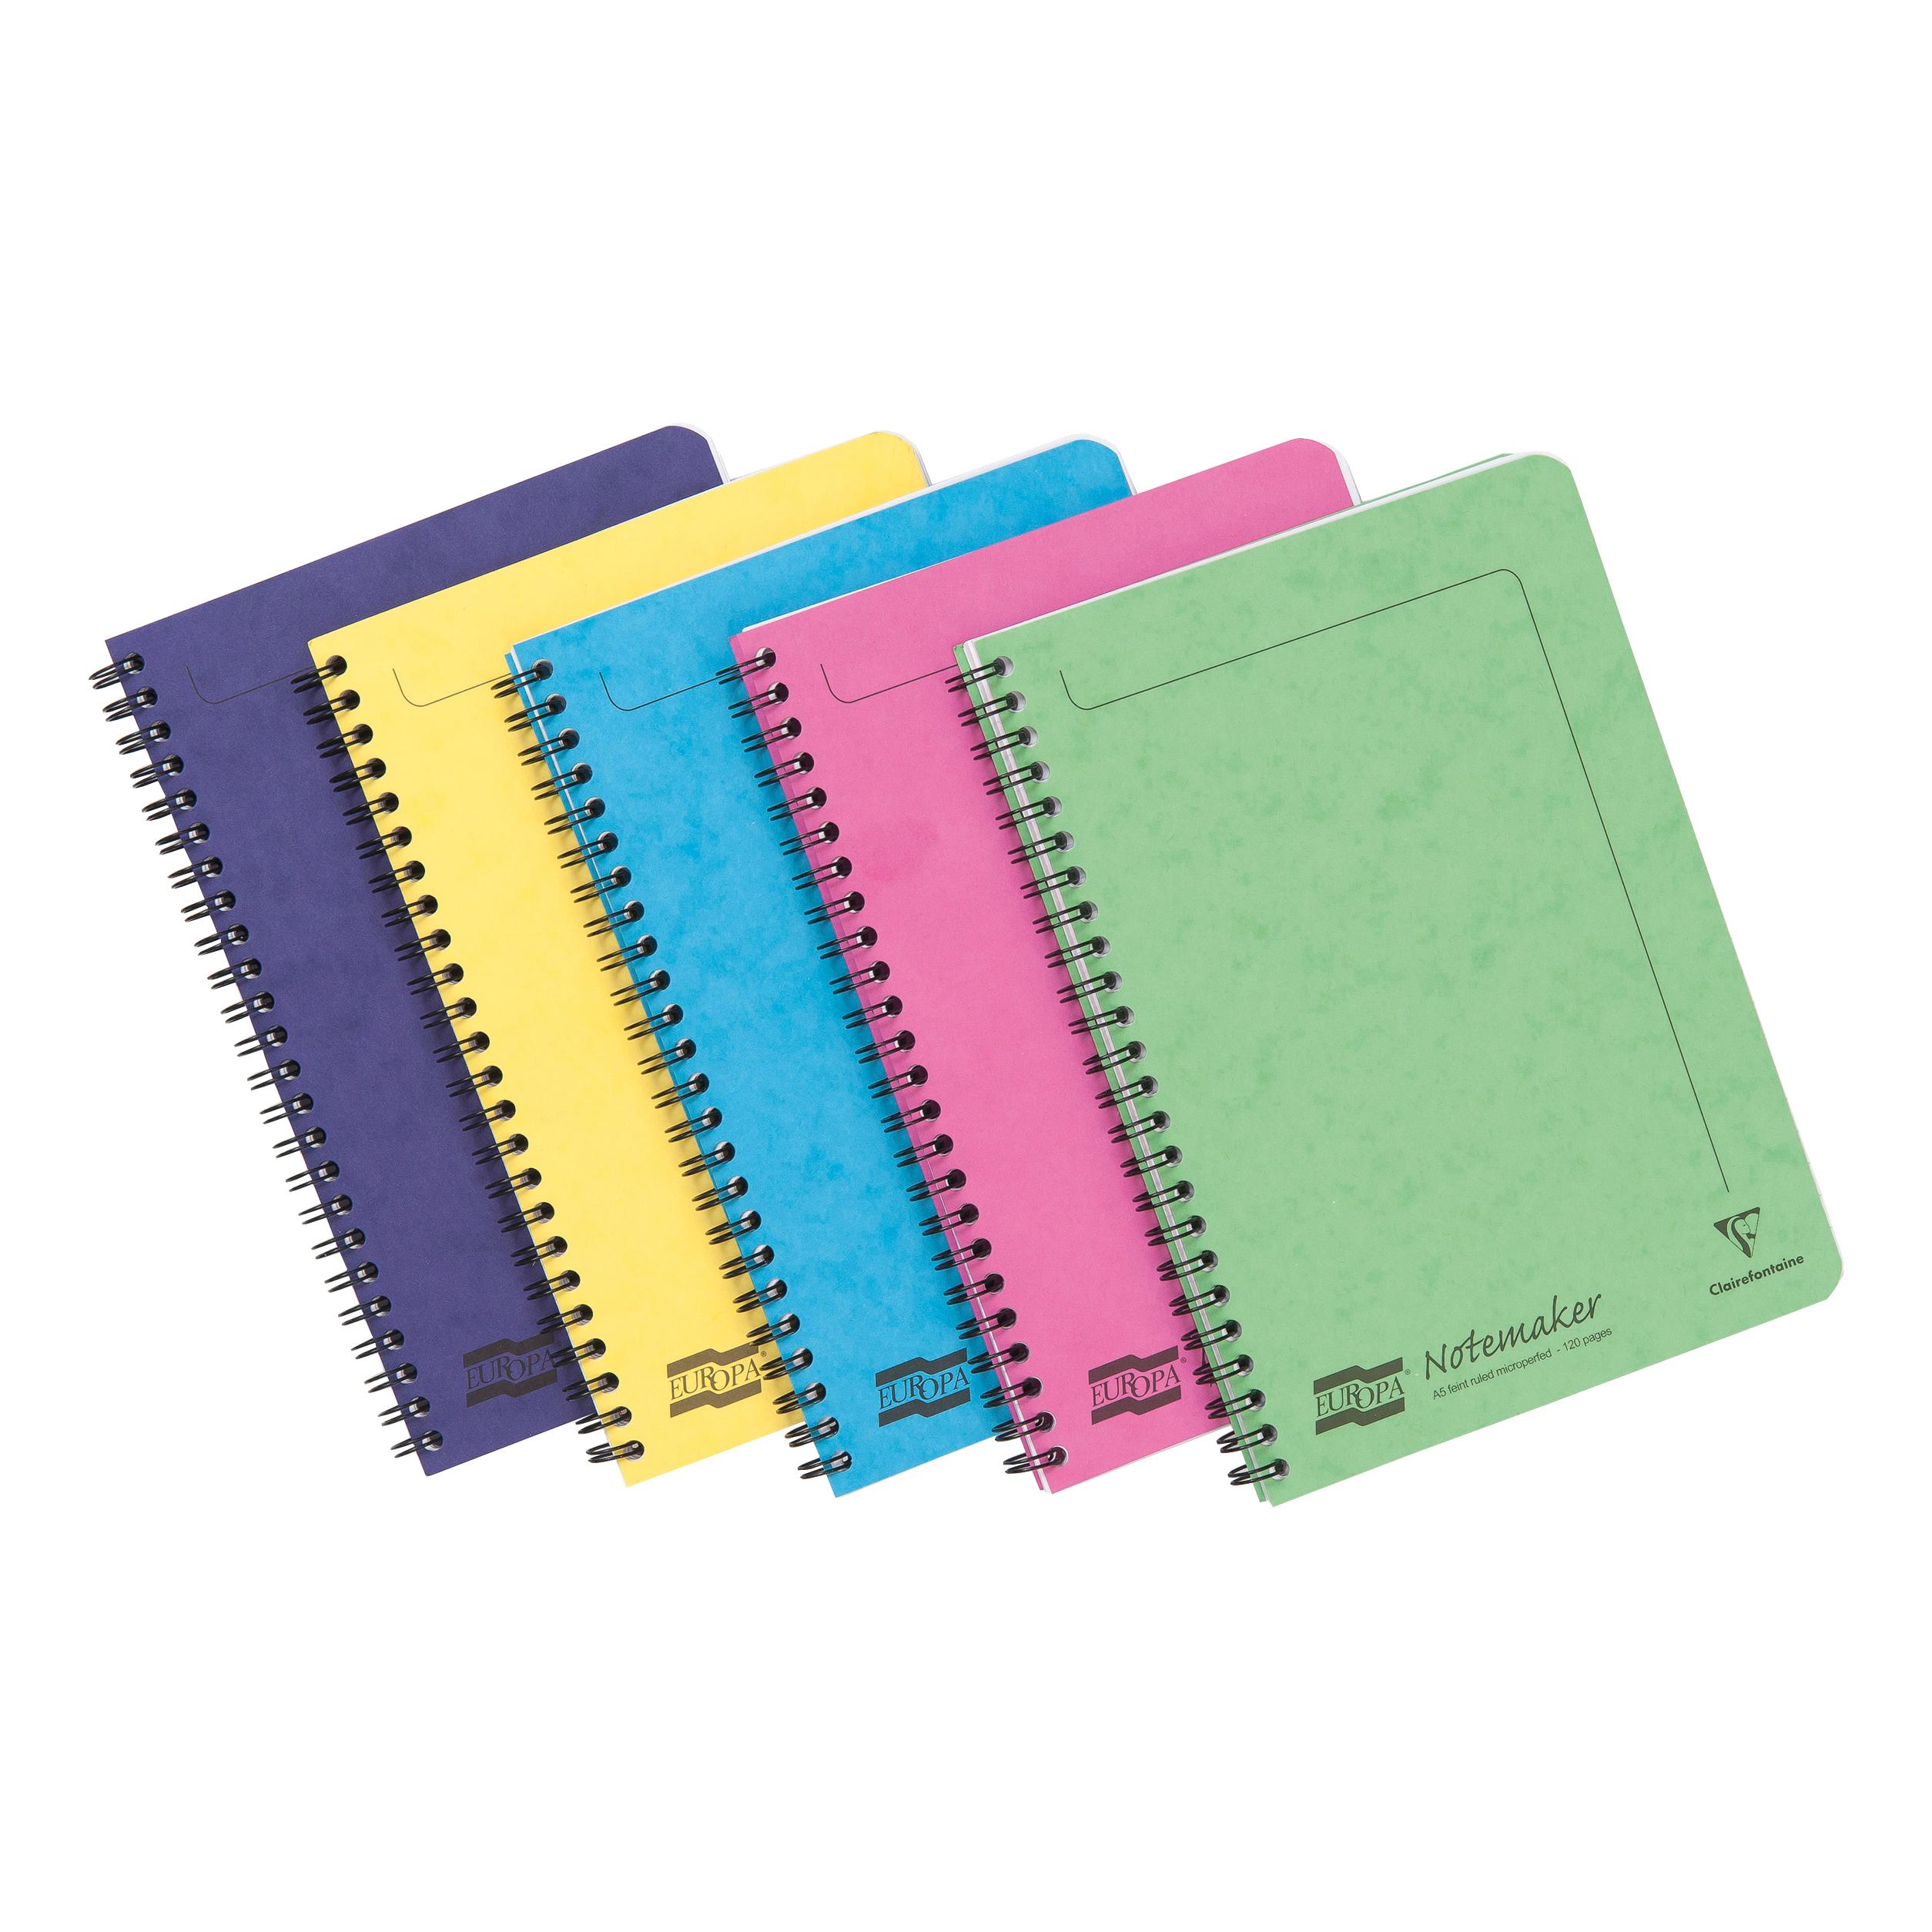 Europa Sidebound Notebook PEFC A5 Ast C Ref 3155Z [Pack 10] [2 for 1] Oct-Dec 19